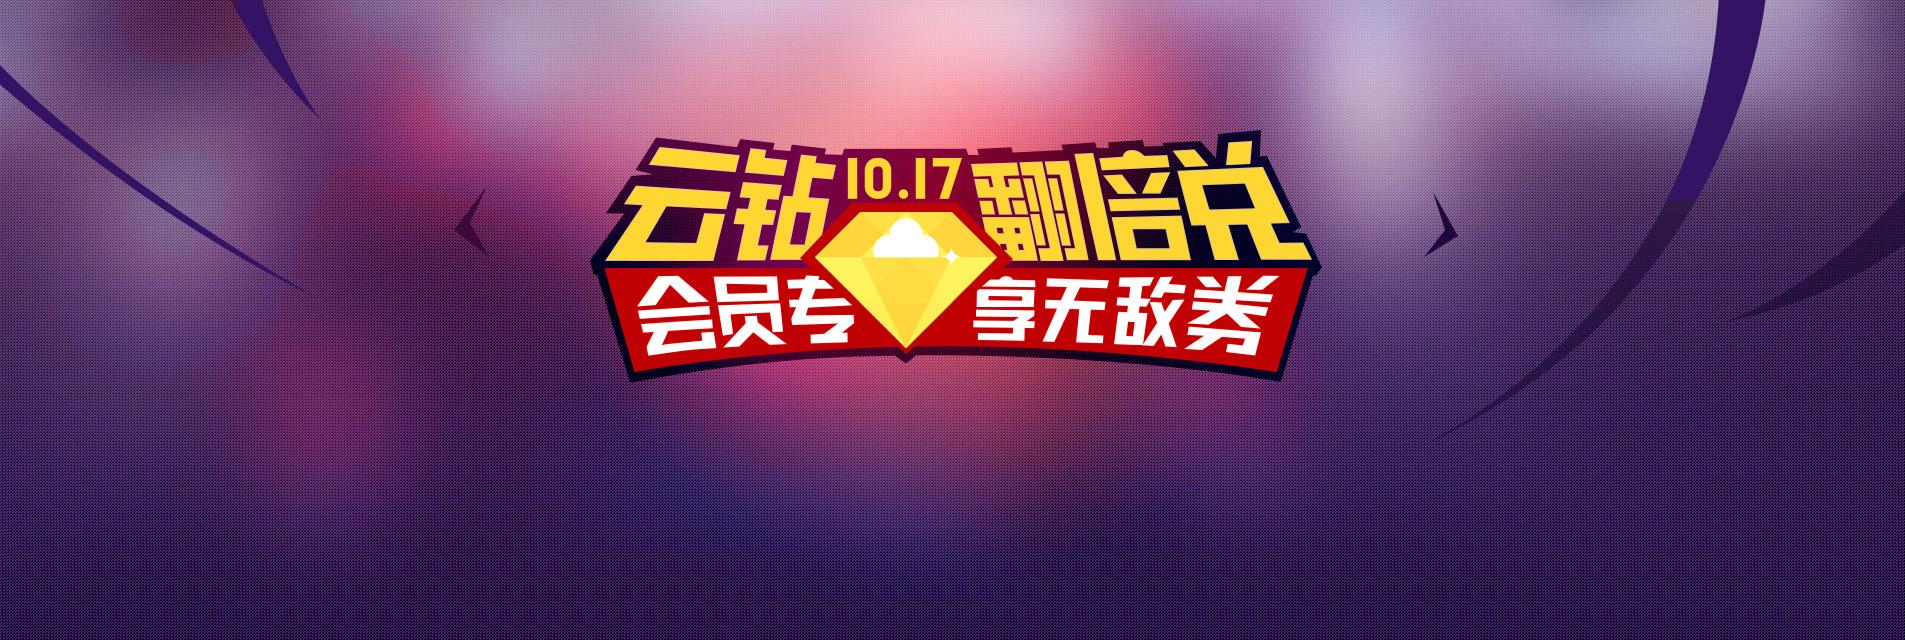 [苏宁易购]云钻翻倍兑卷 - Luck4ever.Net